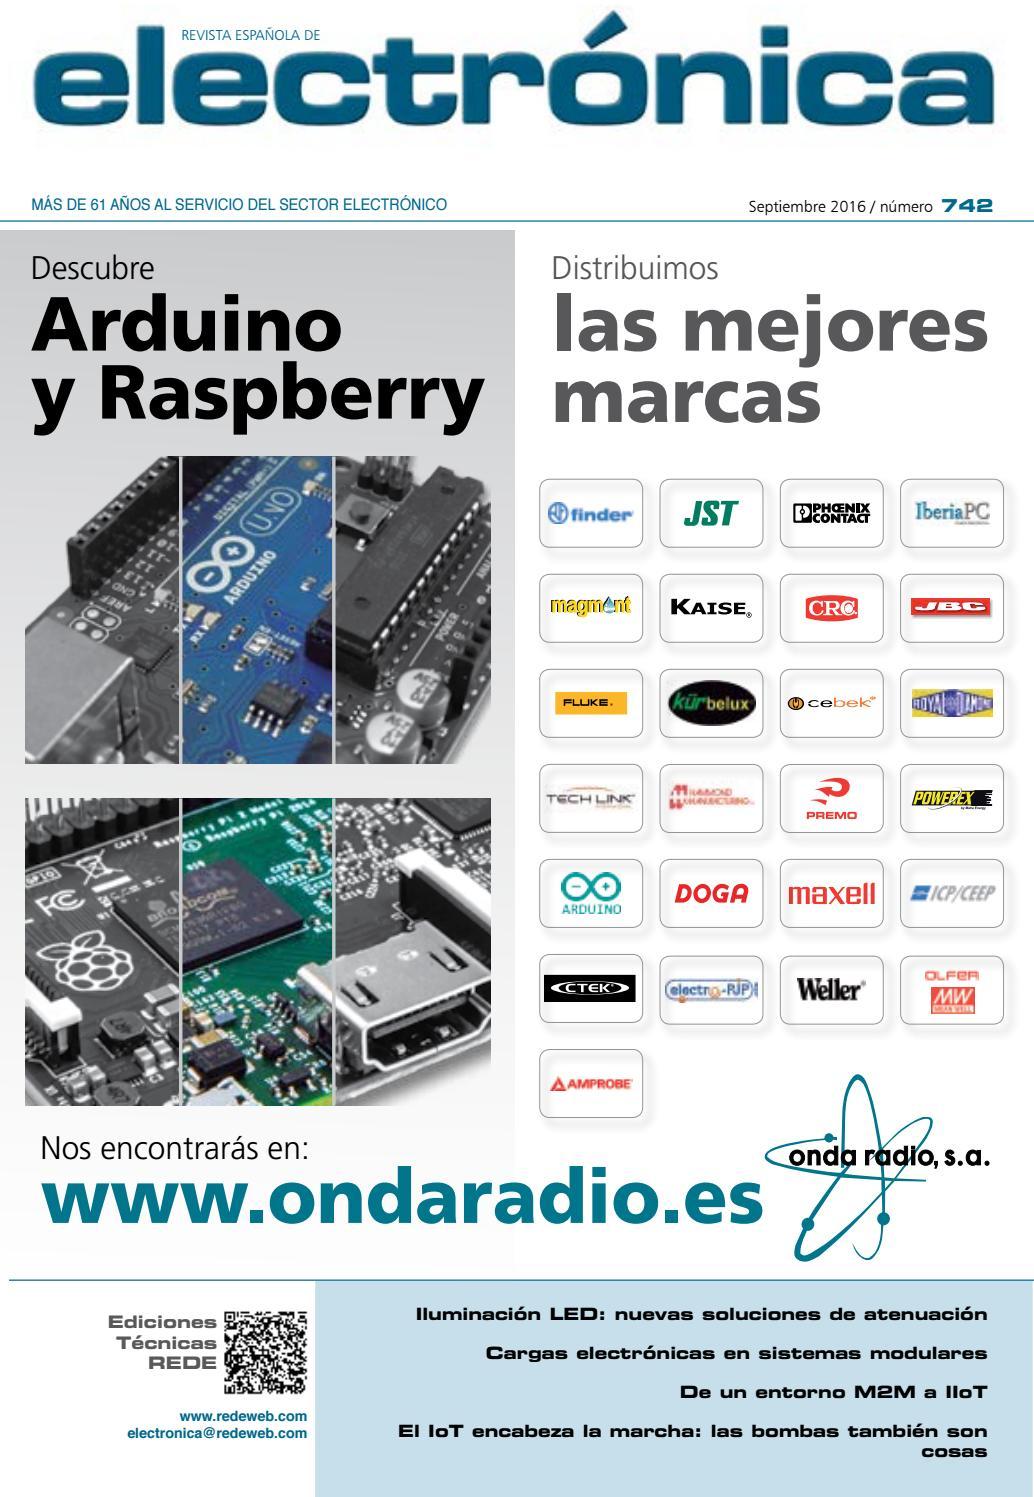 d7975ecb853 Revista española de electrónica - Septiembre 2016 by Monolitic - issuu